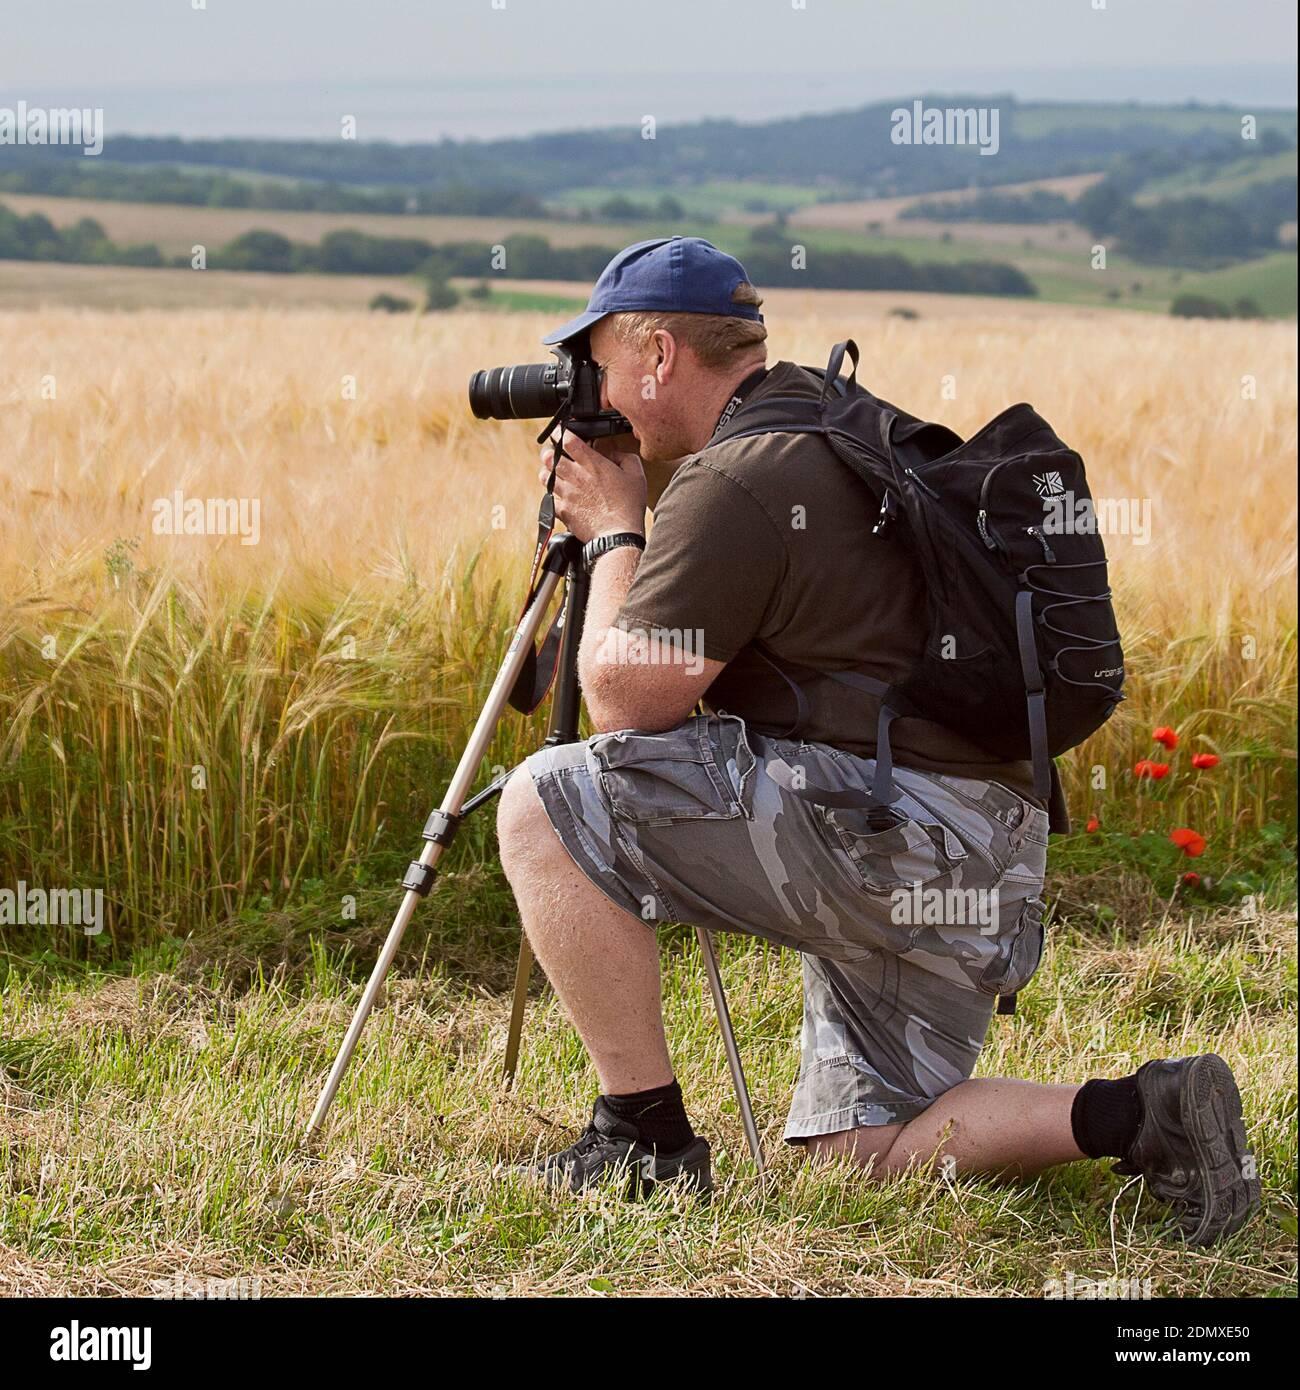 Hombre fotógrafo arrodillado por un campo de cebada mirando a través de su cámara montada en un trípode. Paisaje de formato cuadrado con colinas en el fondo. Foto de stock